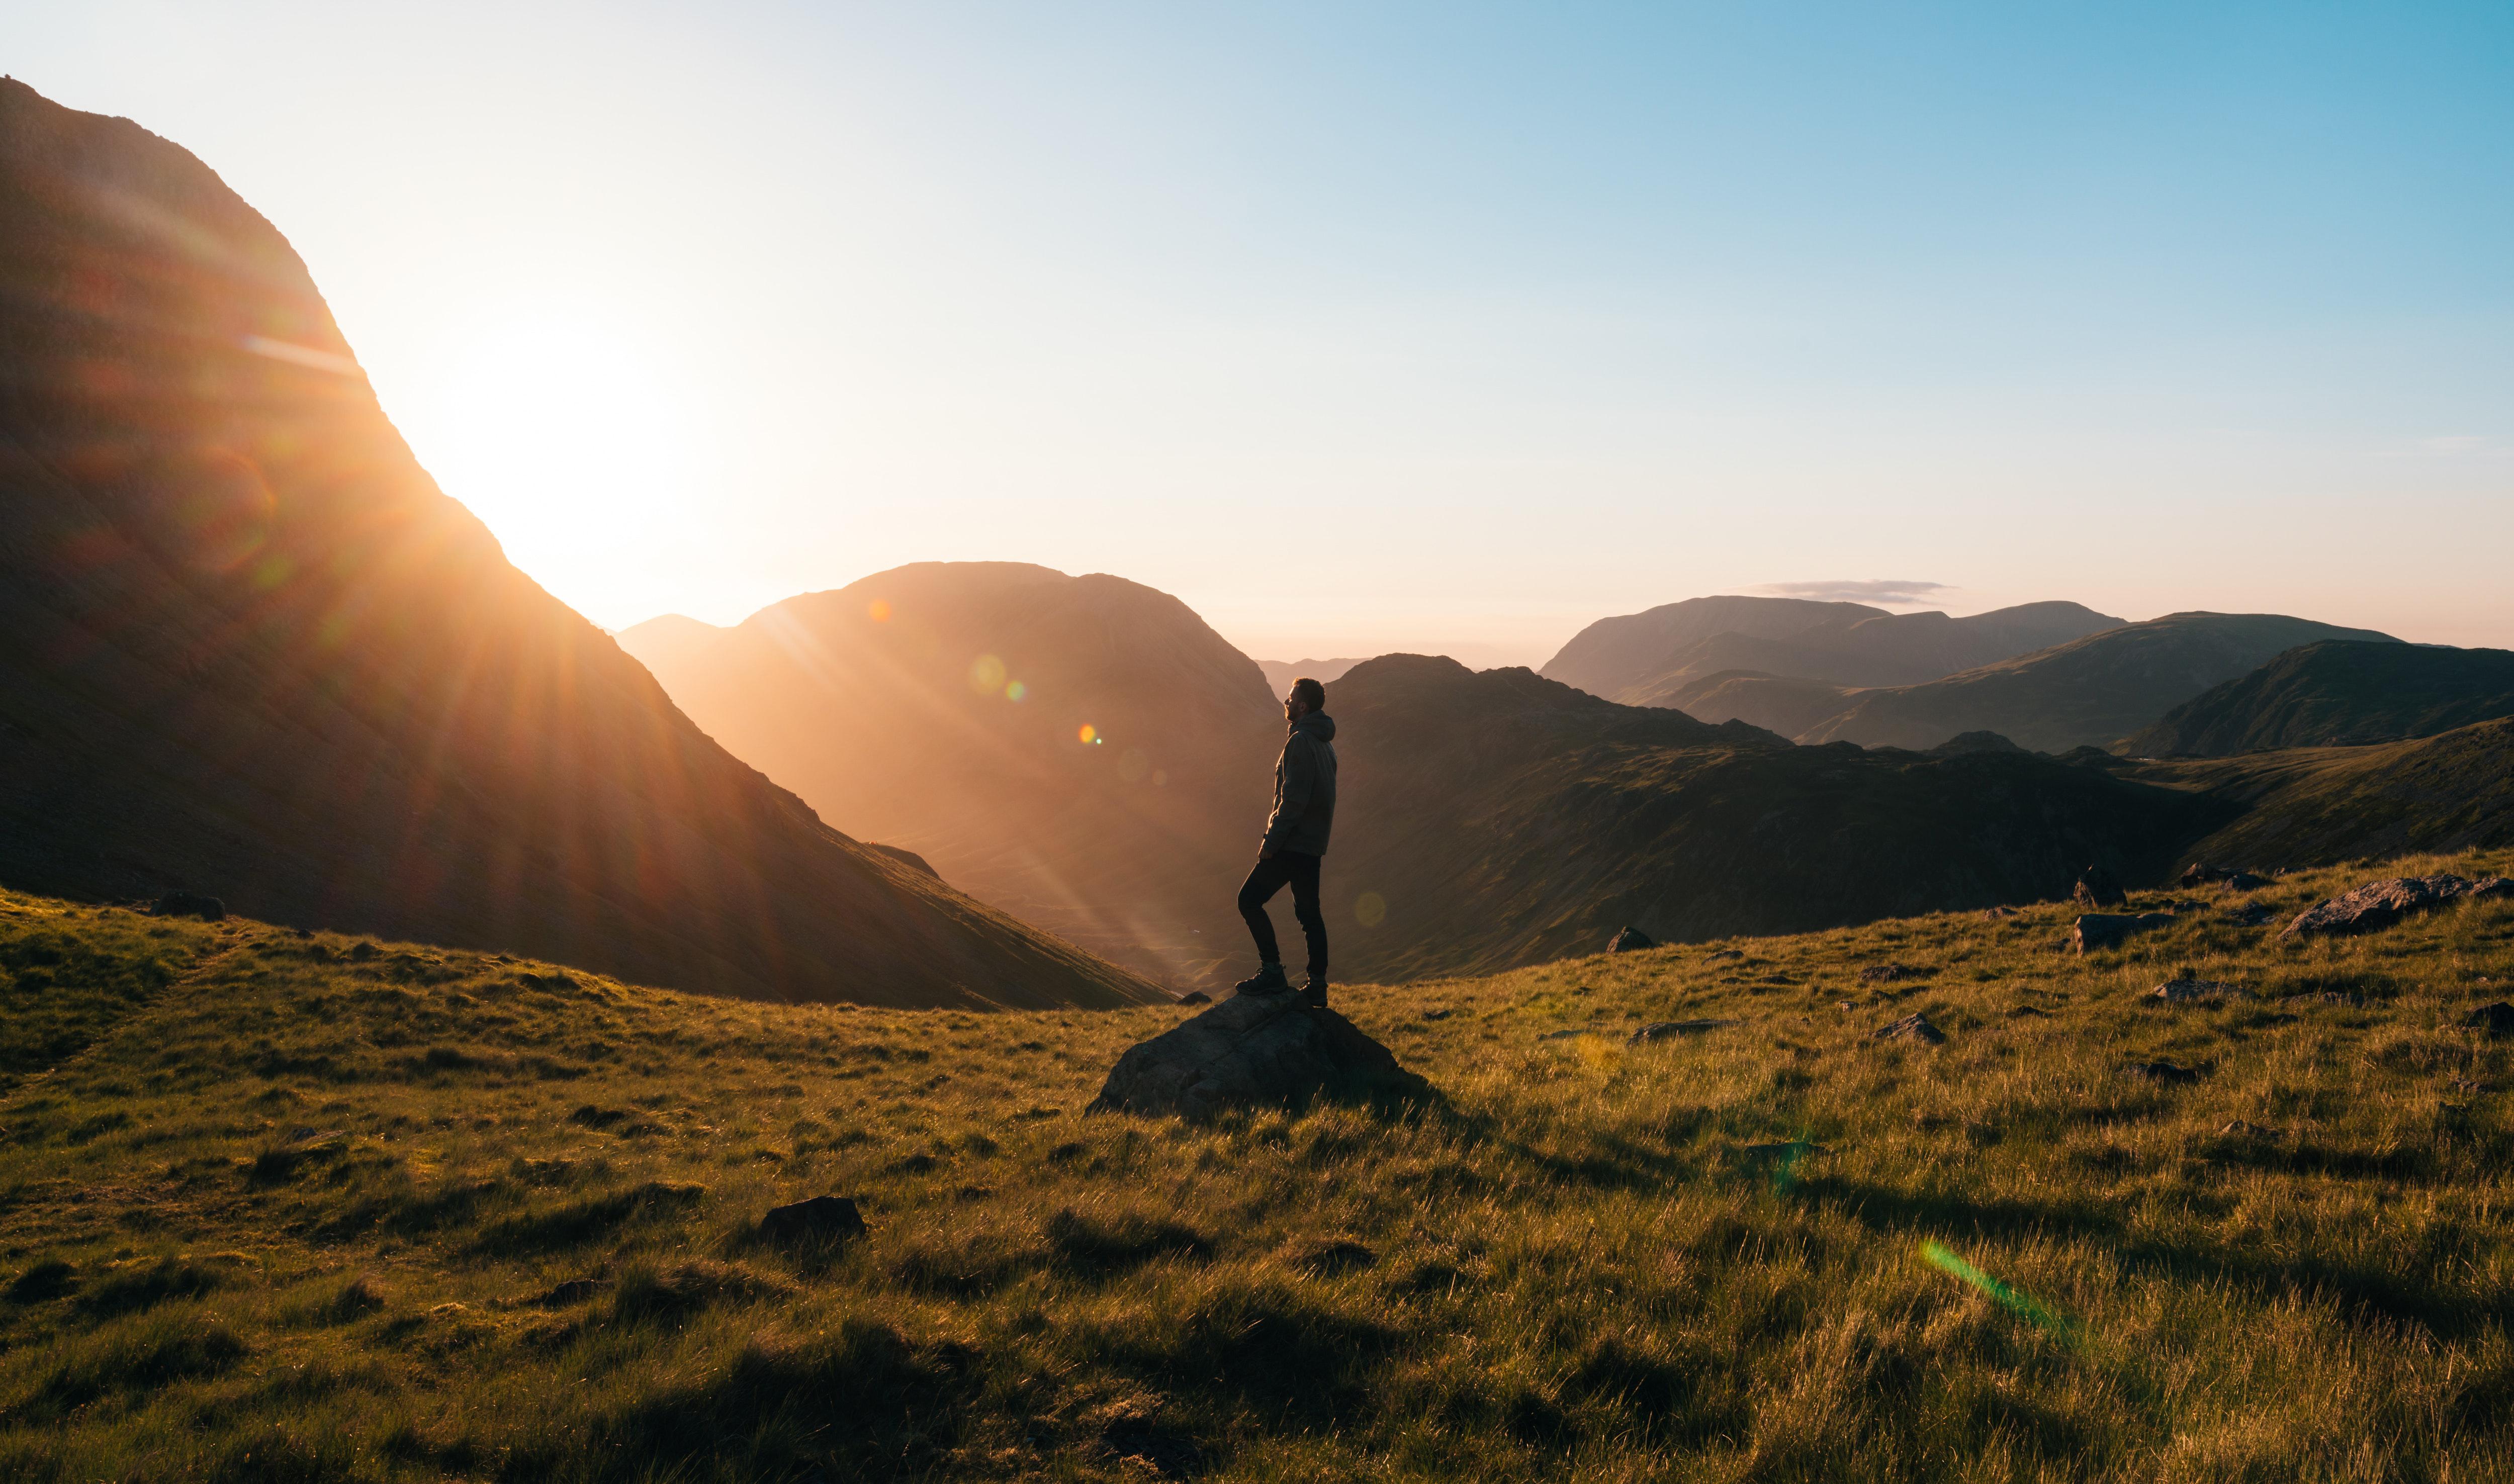 Sie sehen einen Mann auf einer Bergweise bei Sonnenaufgang. JUFA Hotels bietet Ihnen den Ort für erlebnisreichen Natururlaub für die ganze Familie.